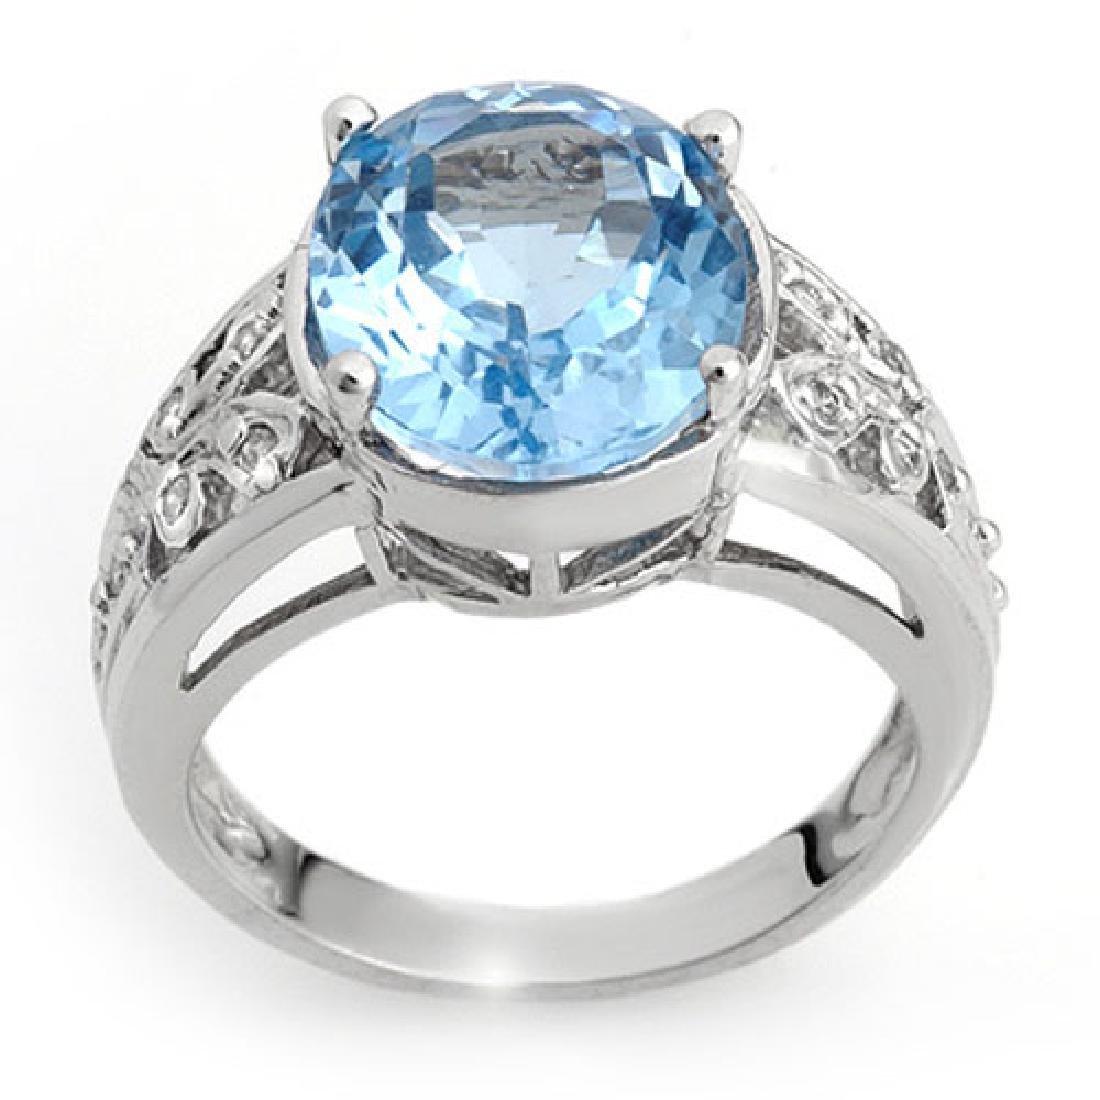 7.15 CTW Blue Topaz & Diamond Ring 10K White Gold